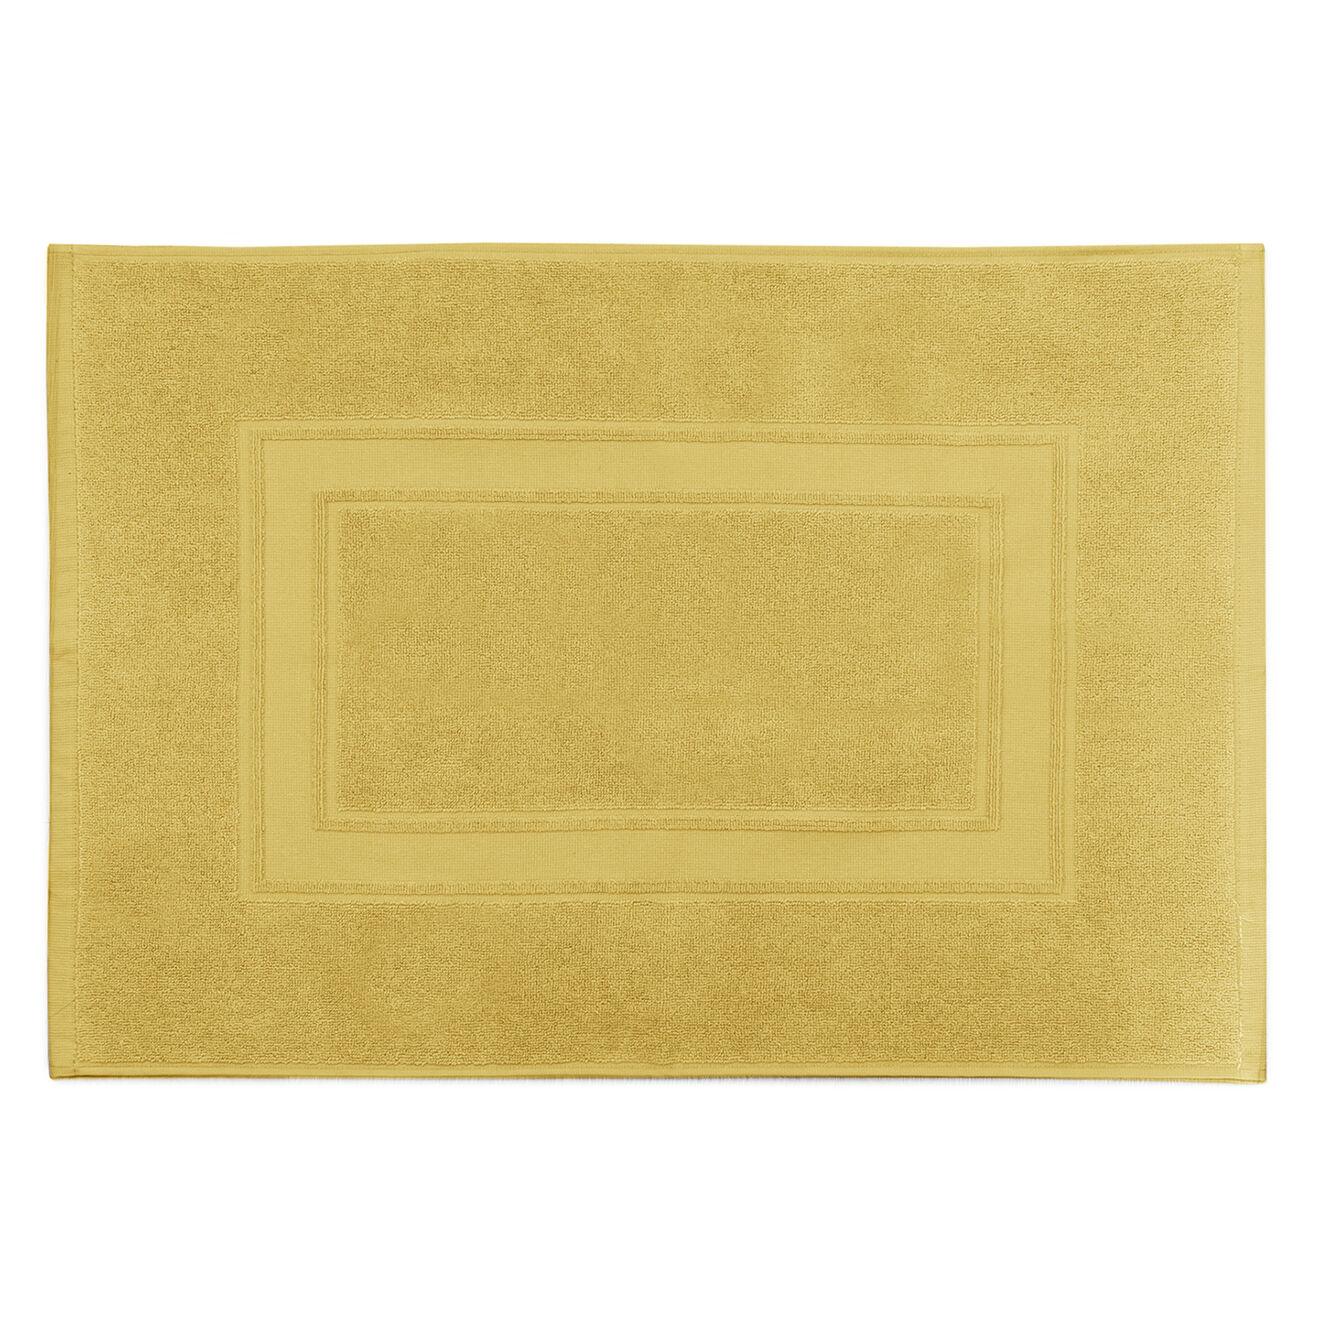 Tapis de bain Elisa jaune soleil - 50x70 cm